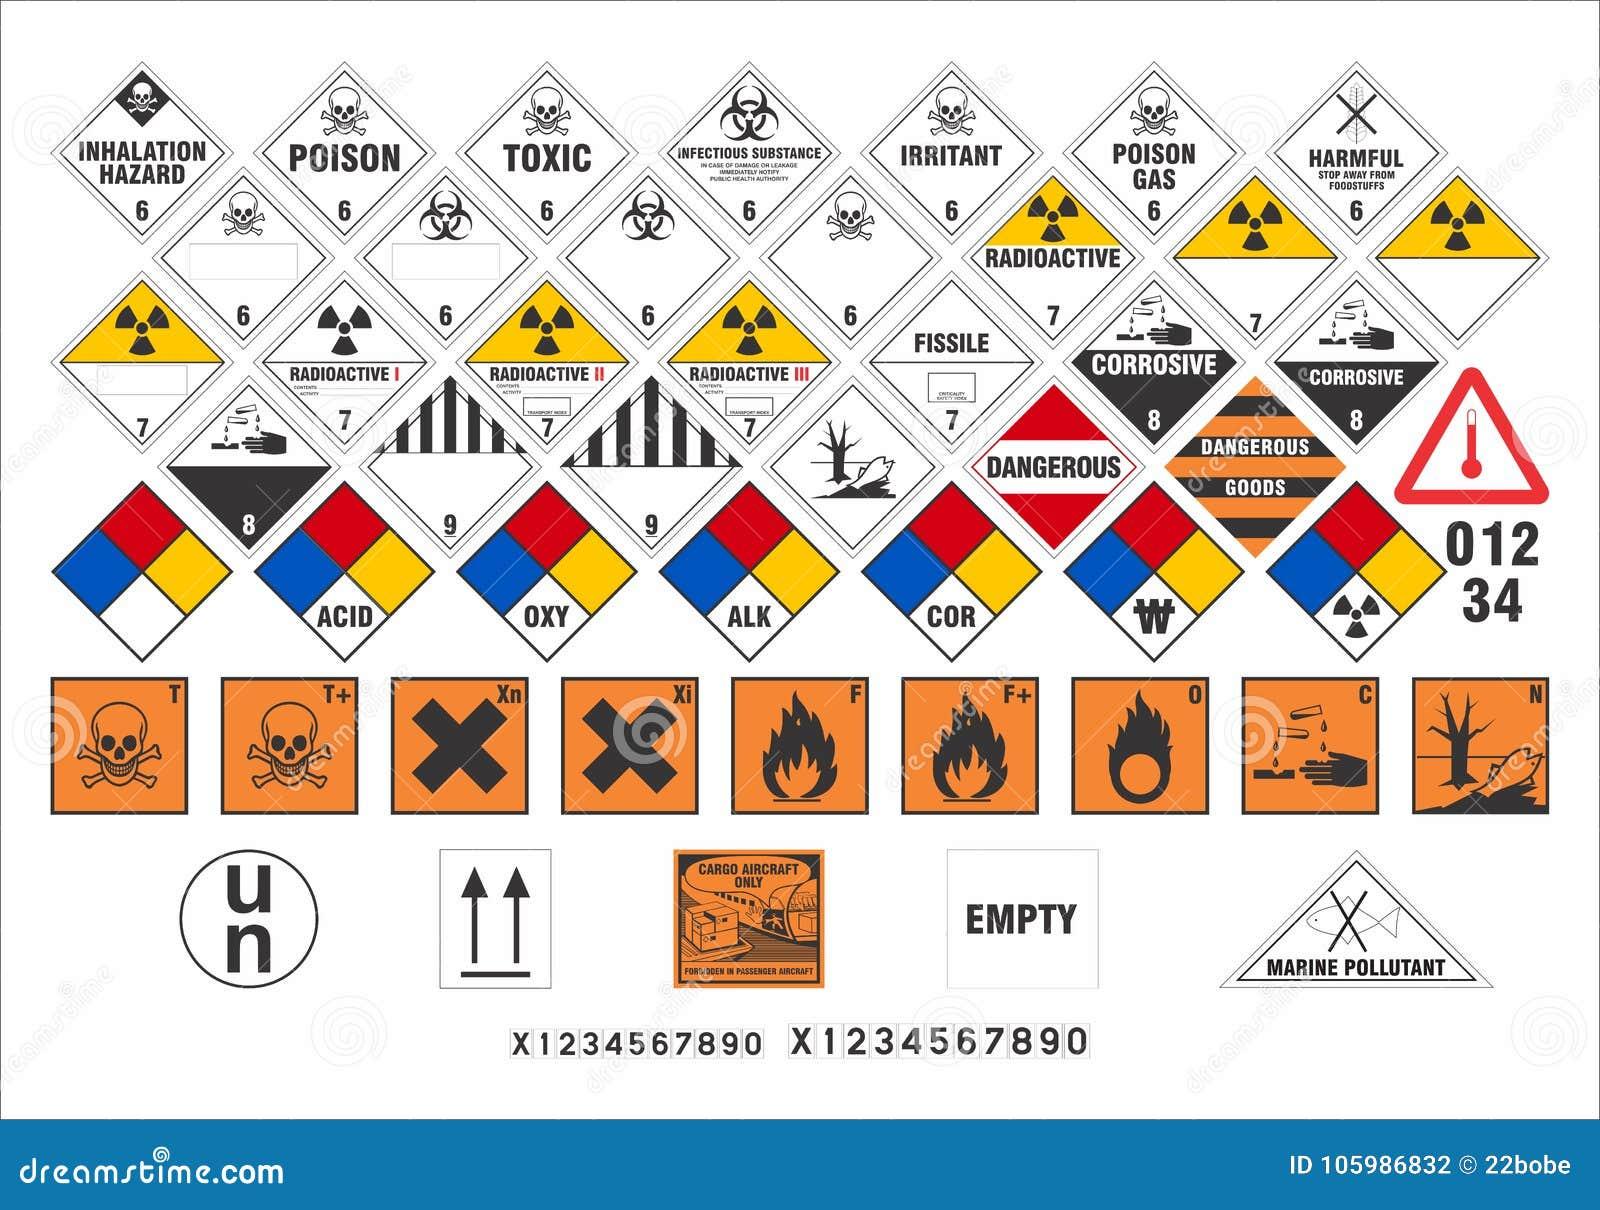 Veiligheidswaarschuwingsborden - Vervoertekens 3/3 - Vector